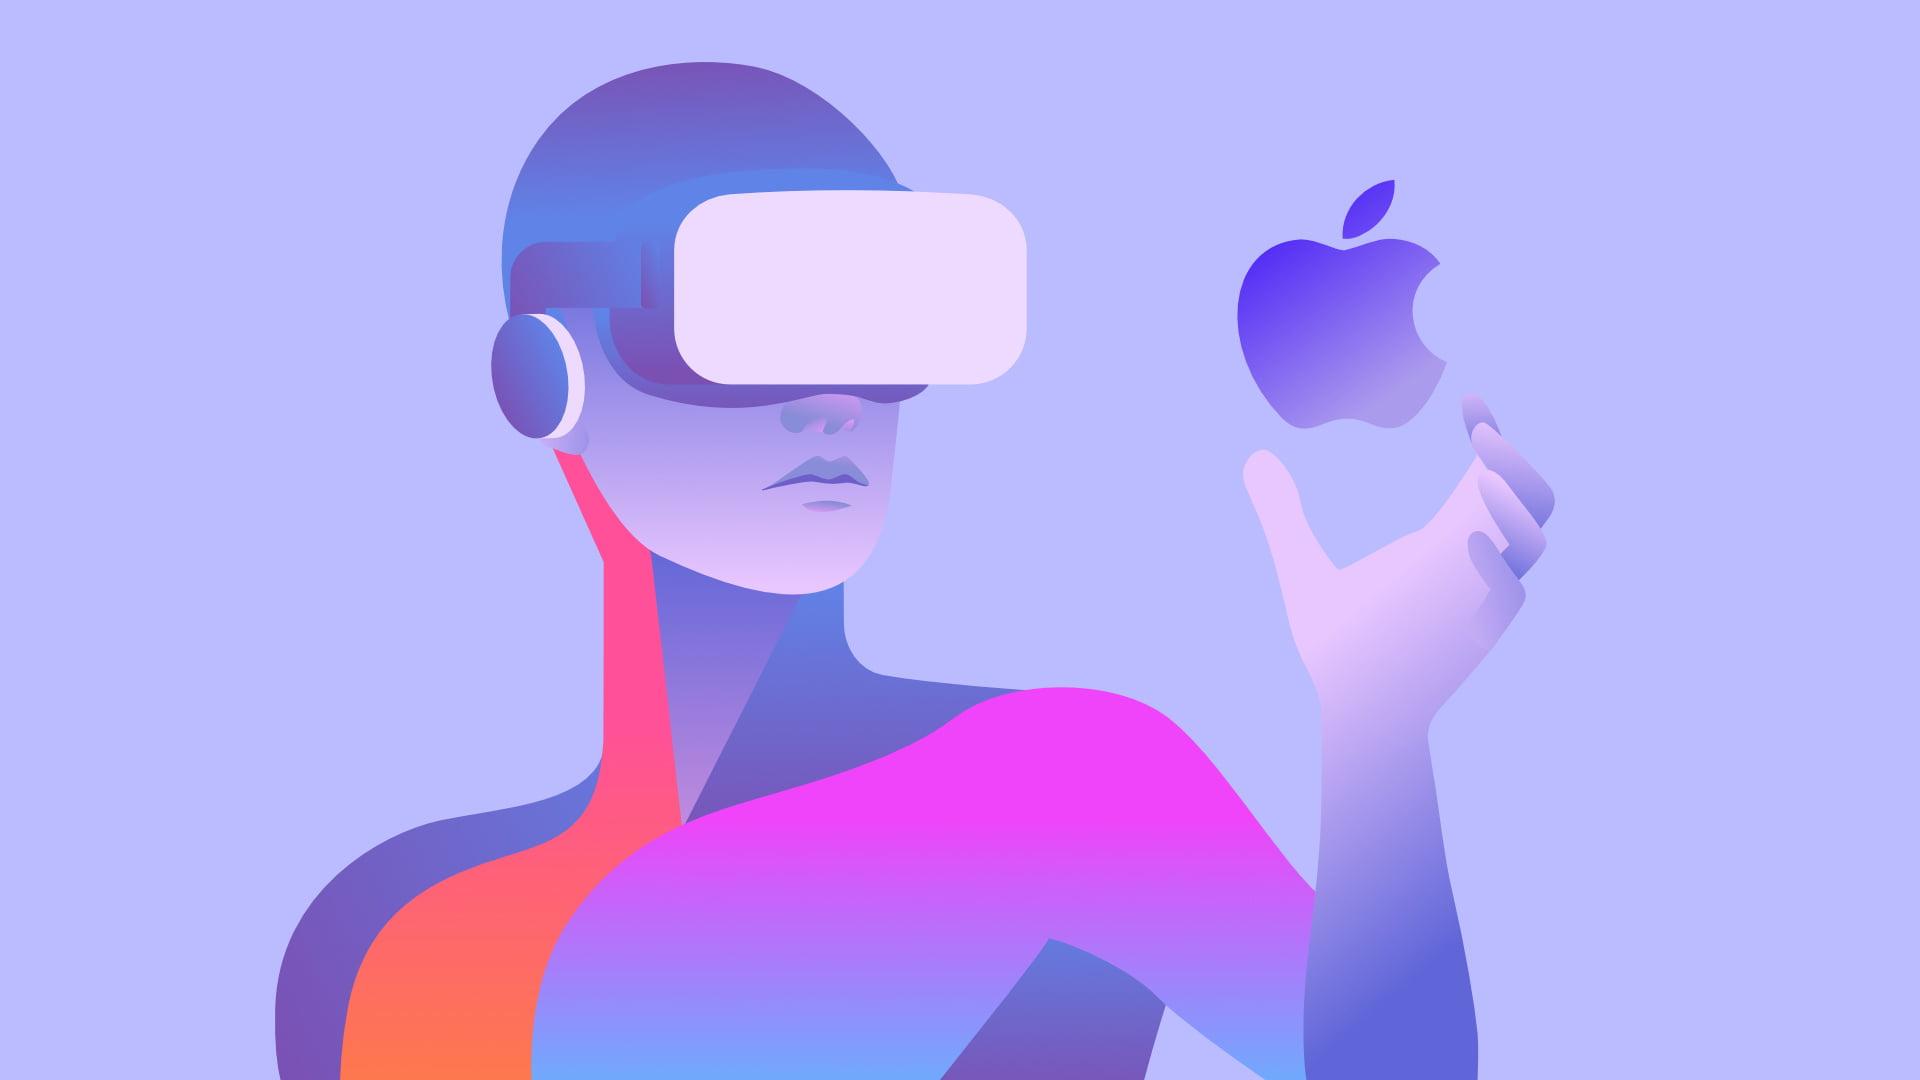 Grafik einer Person mit VR-Brille, die das Apple-Logo in der Hand hält